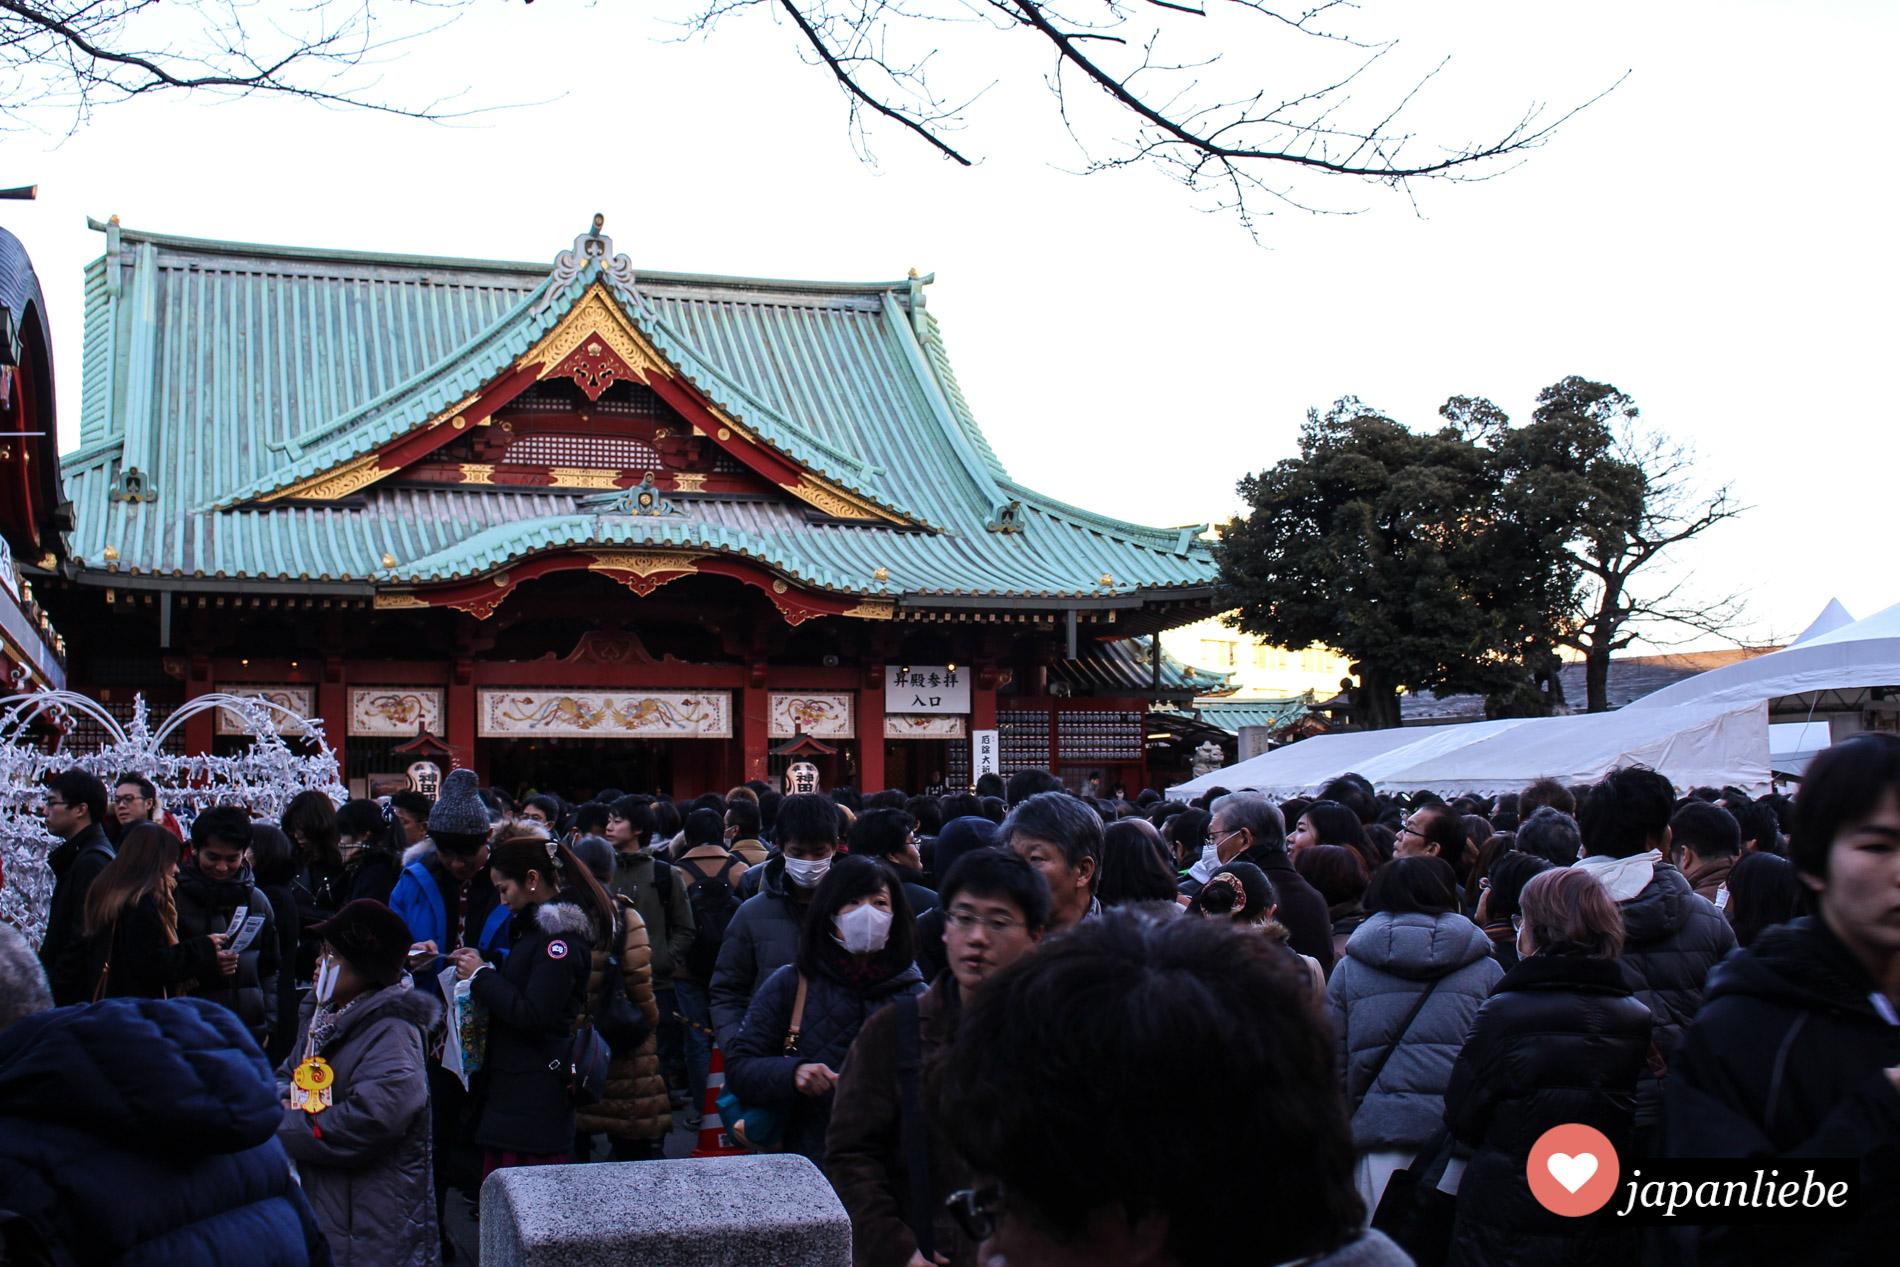 Bei einem Matsuri drängen sich die Menschenmassen am Kanda Myojin Schrein in Tokio.